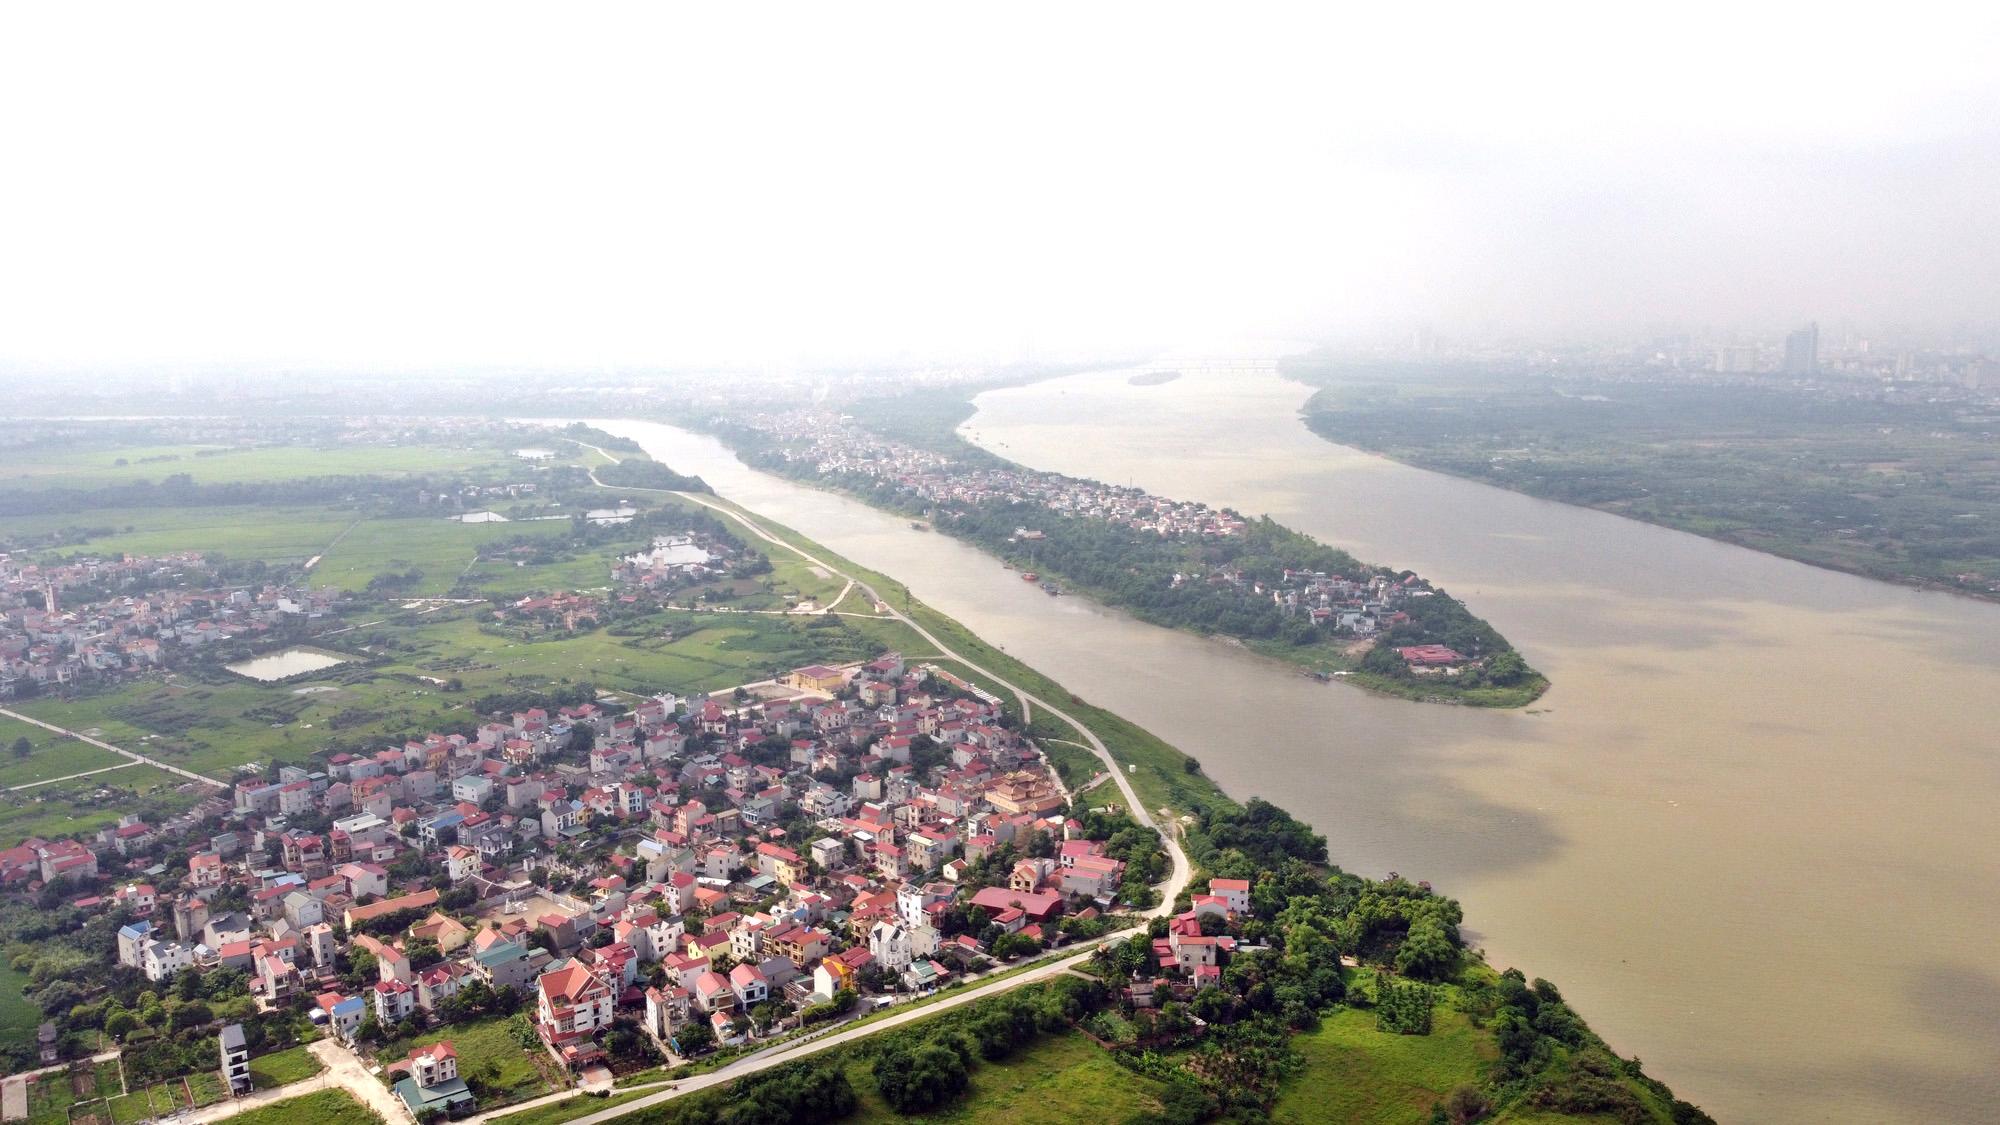 Cận cảnh những 'bán đảo' ngay giữa trung tâm Hà Nội - Ảnh 1.